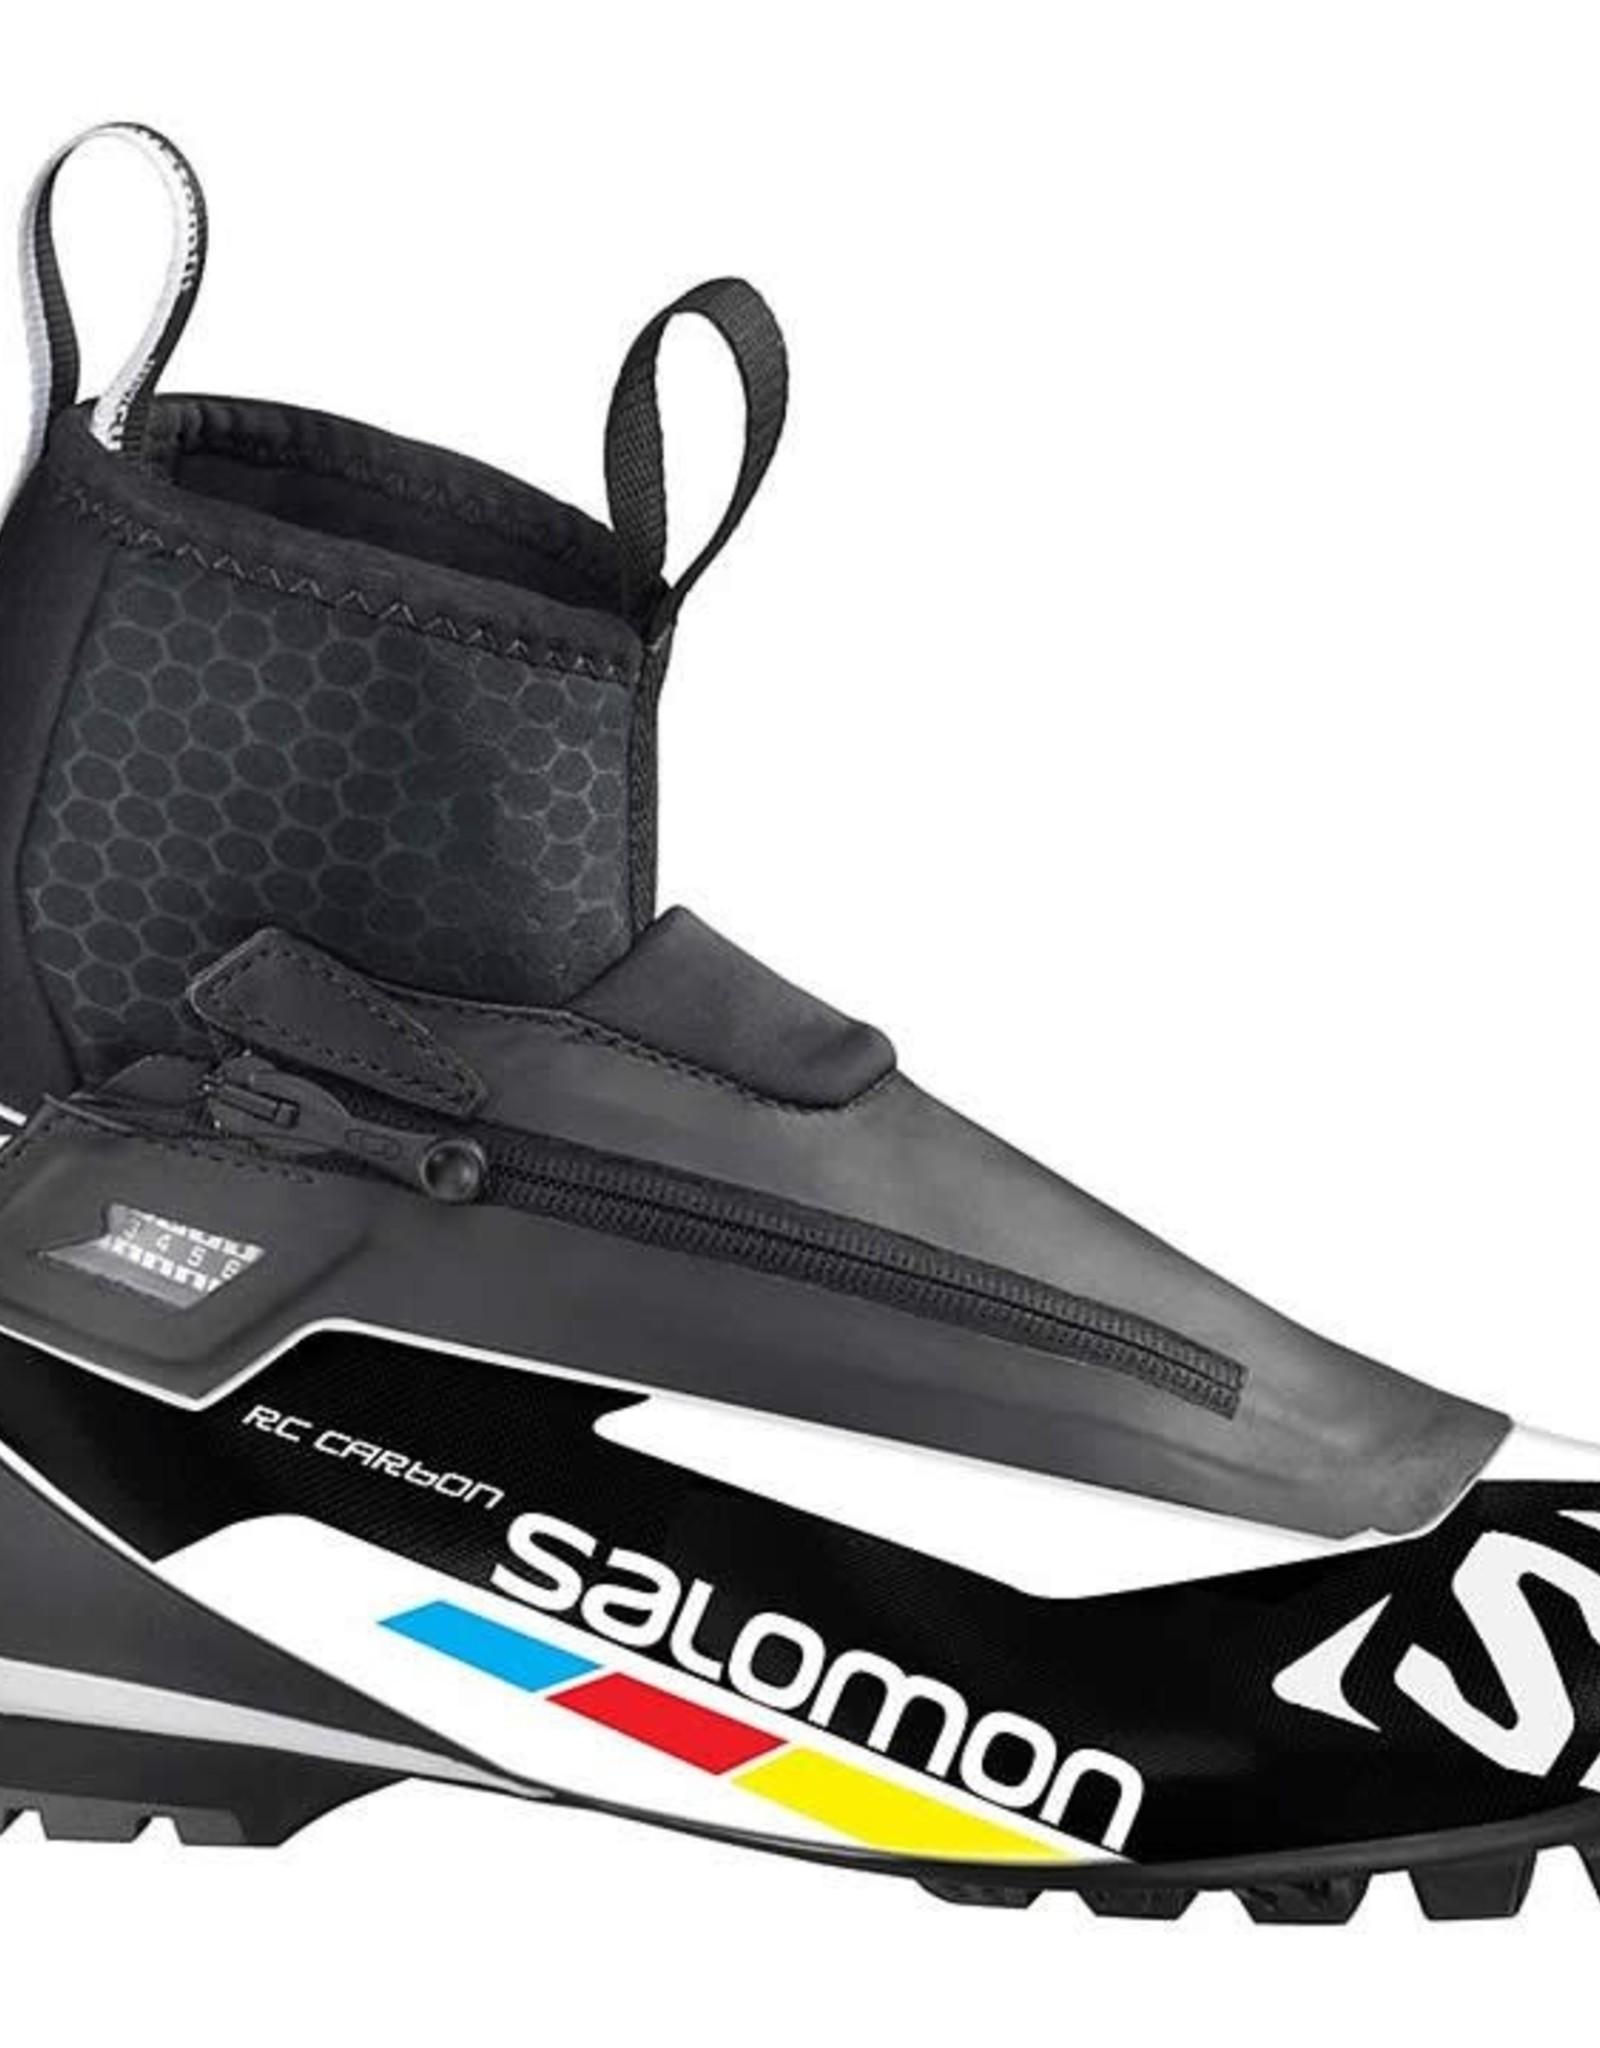 SALOMON SALOMON SNS Race Classic CARBON